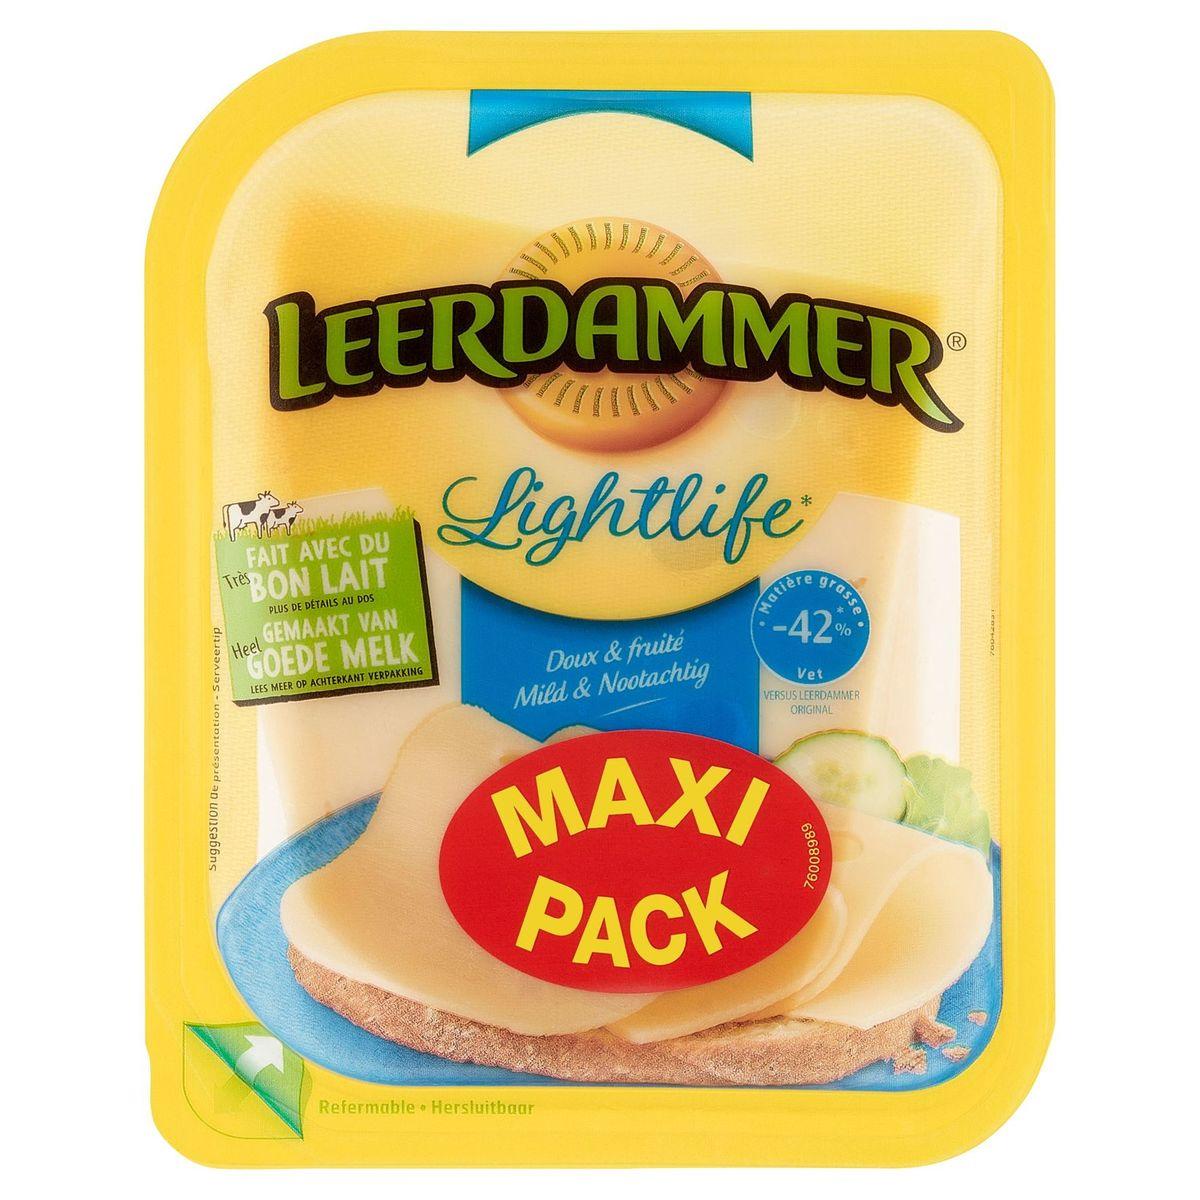 Leerdammer Lightlife Doux & Fruité Maxi Pack 350 g